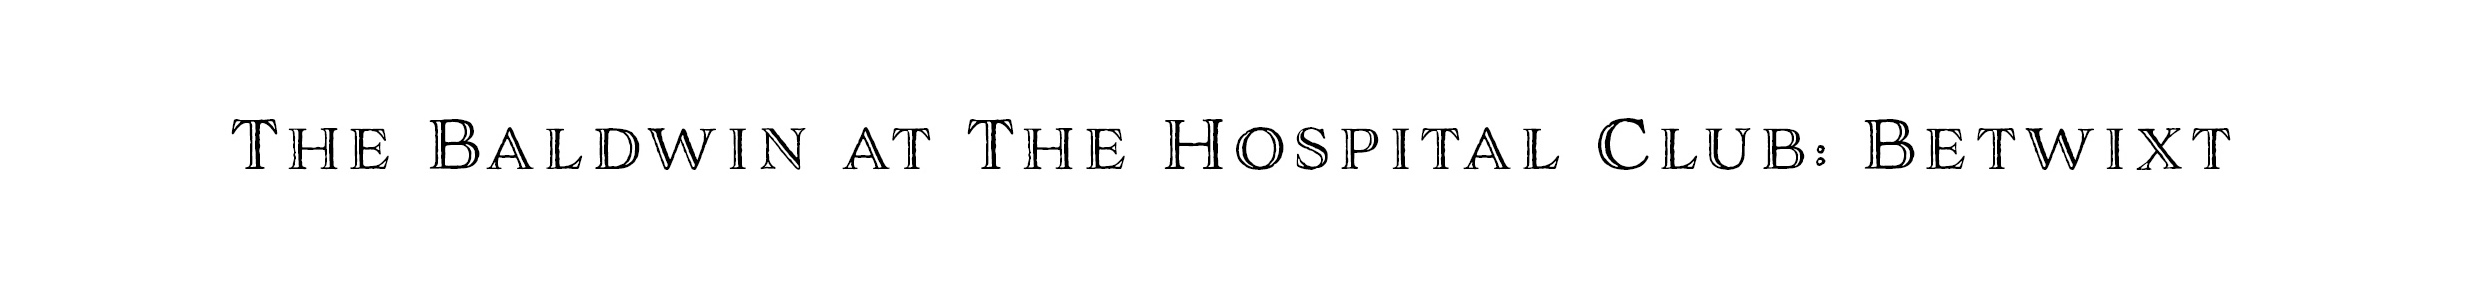 hospital_catalogue